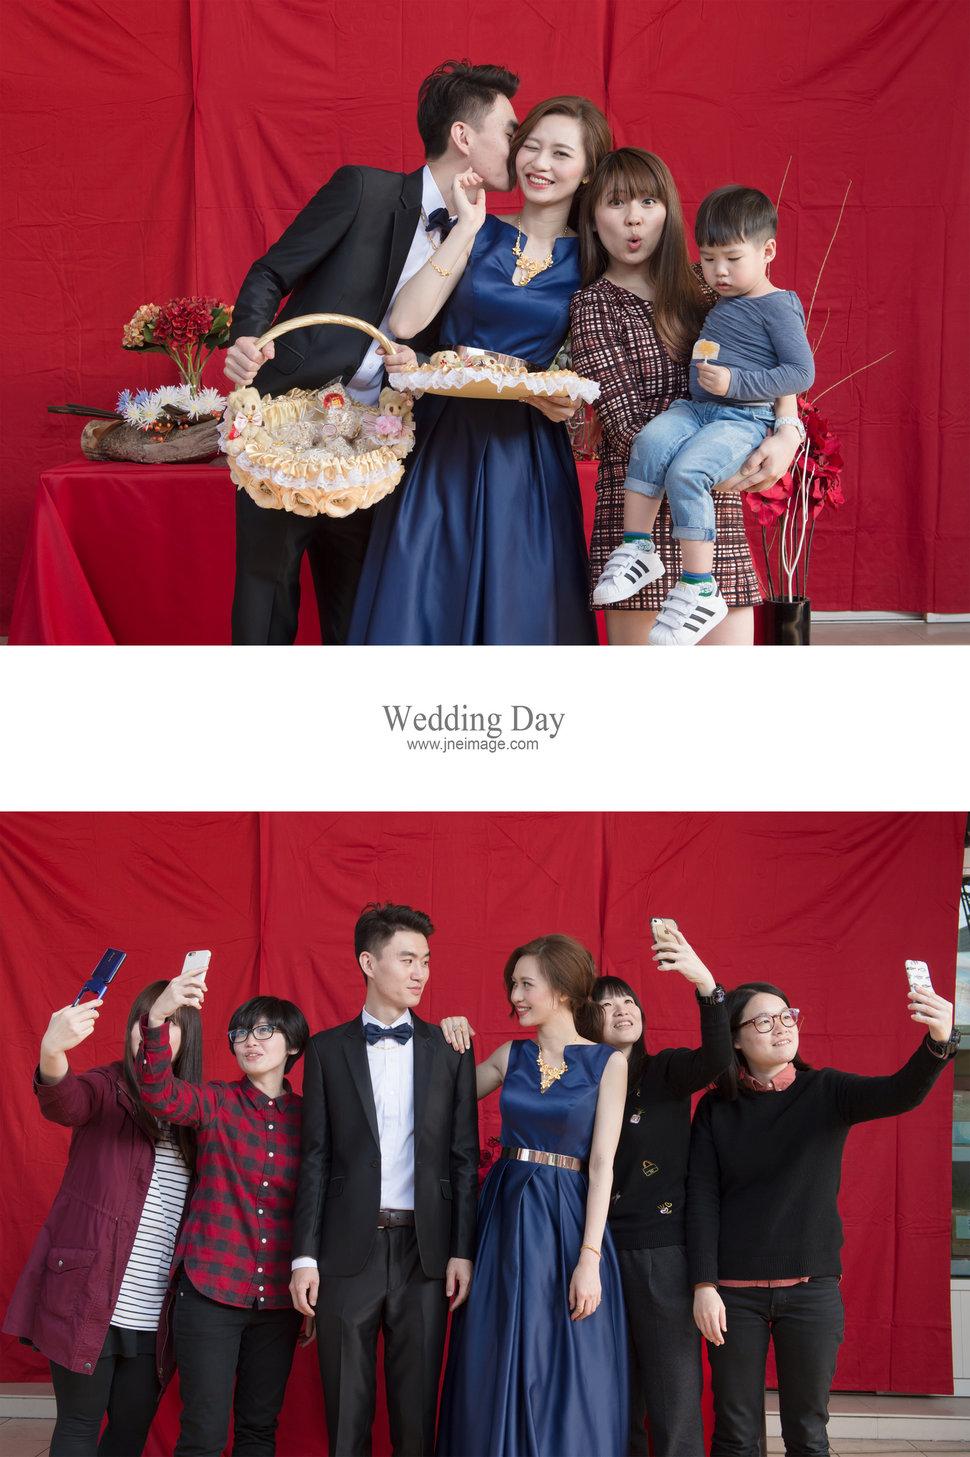 _JNE0083 - J&E Image Studio - 結婚吧